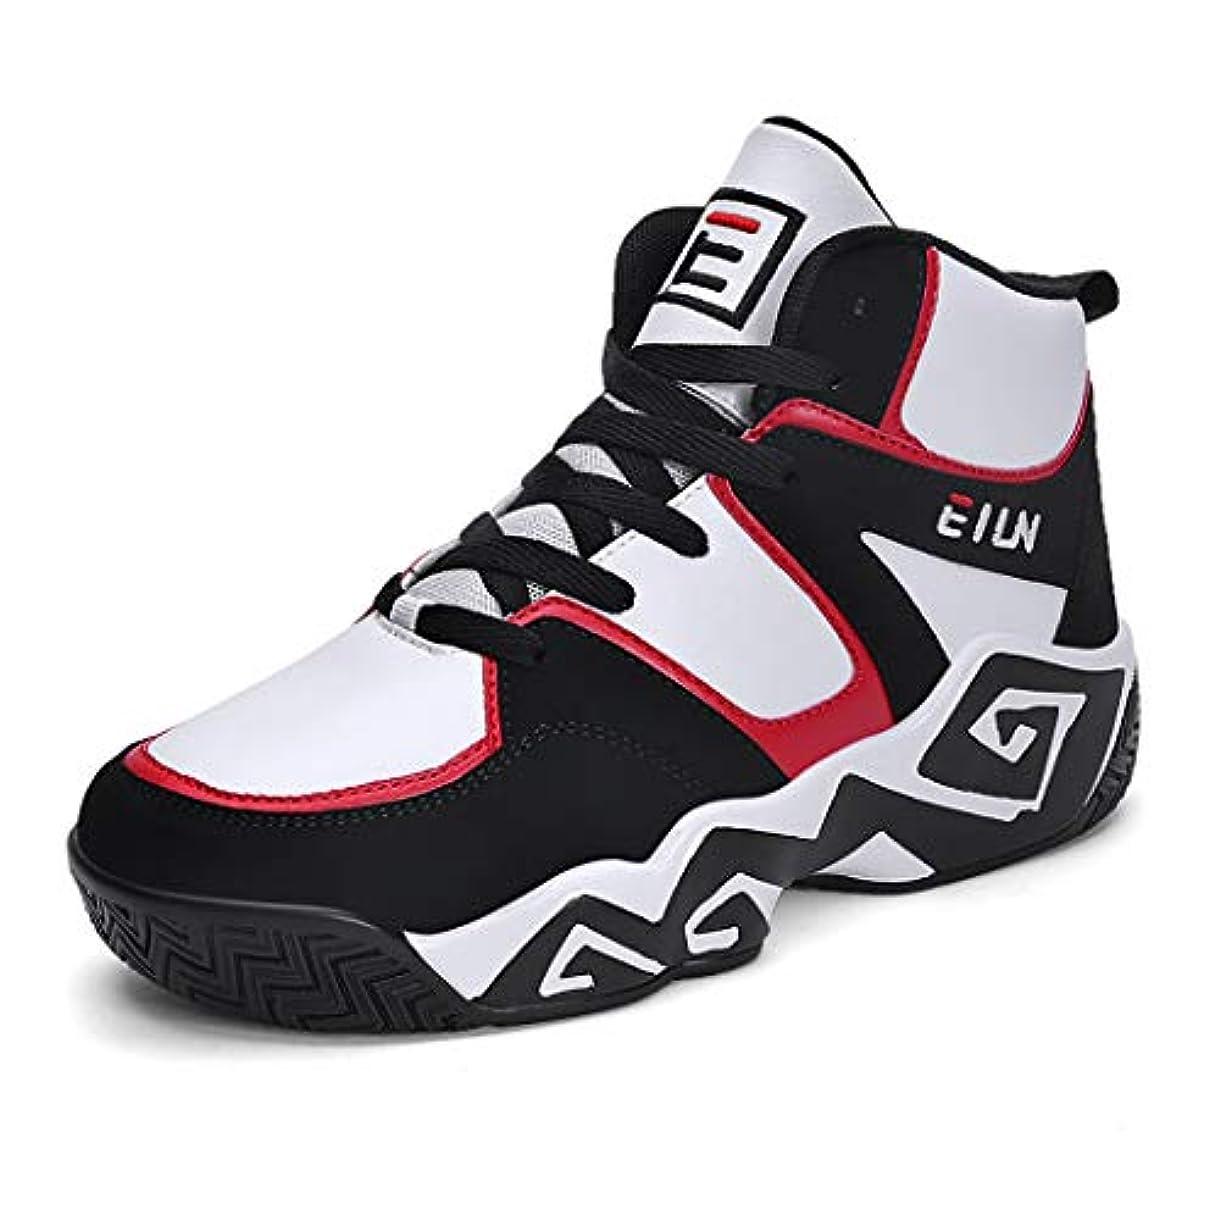 テレマコスモットーレーニン主義大きいサイズの靴ファッション潮の靴メンズホワイトシューズ春メンズハイシューズスポーツ風カジュアルシューズ